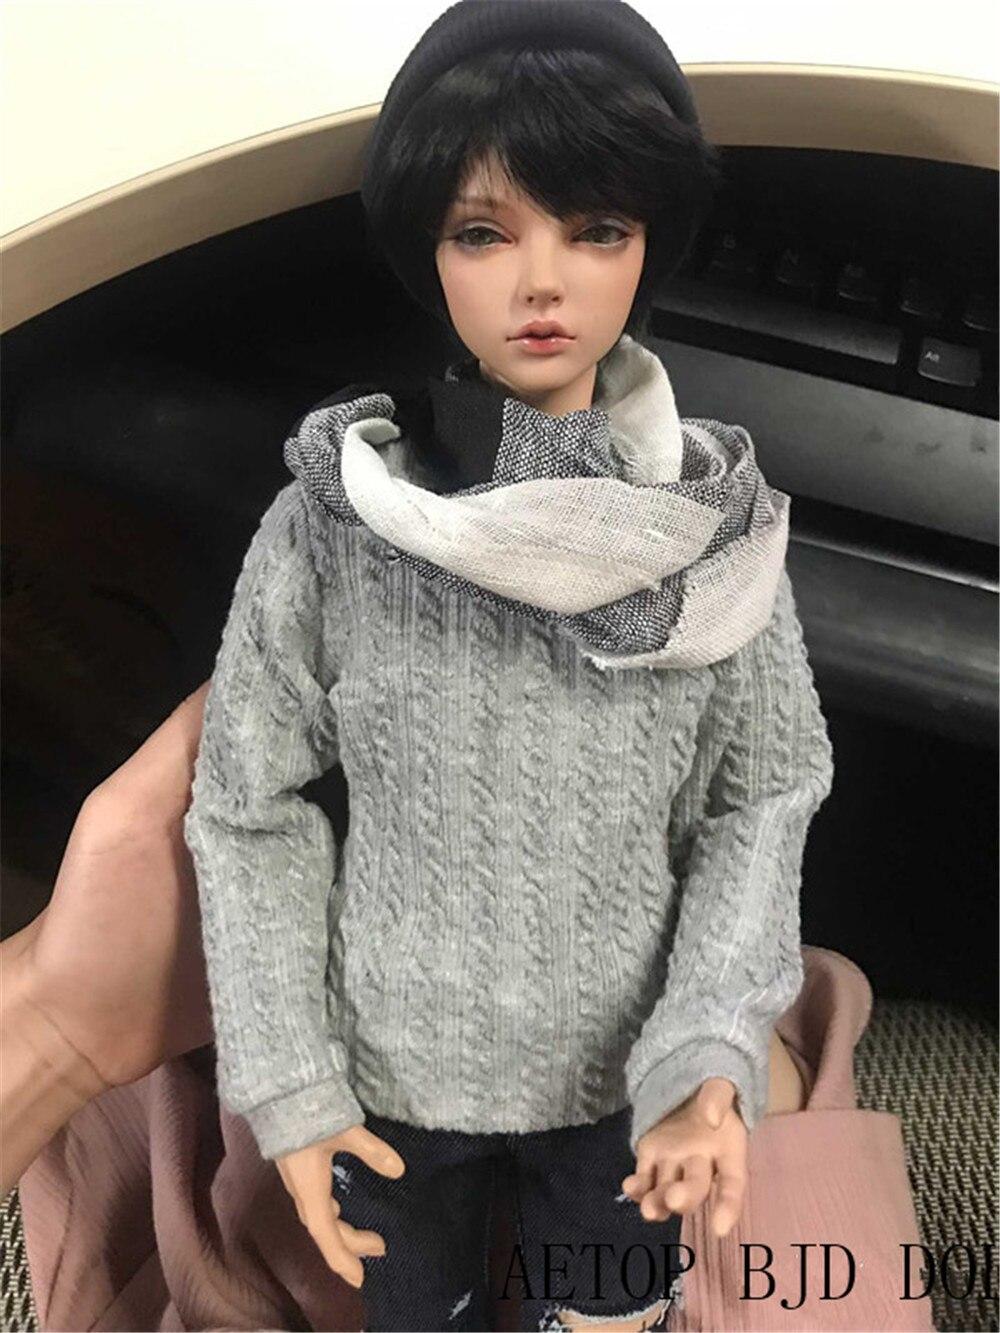 Aetop bjd boneca 1/4 danny bebê masculino de alta qualidade resina produção